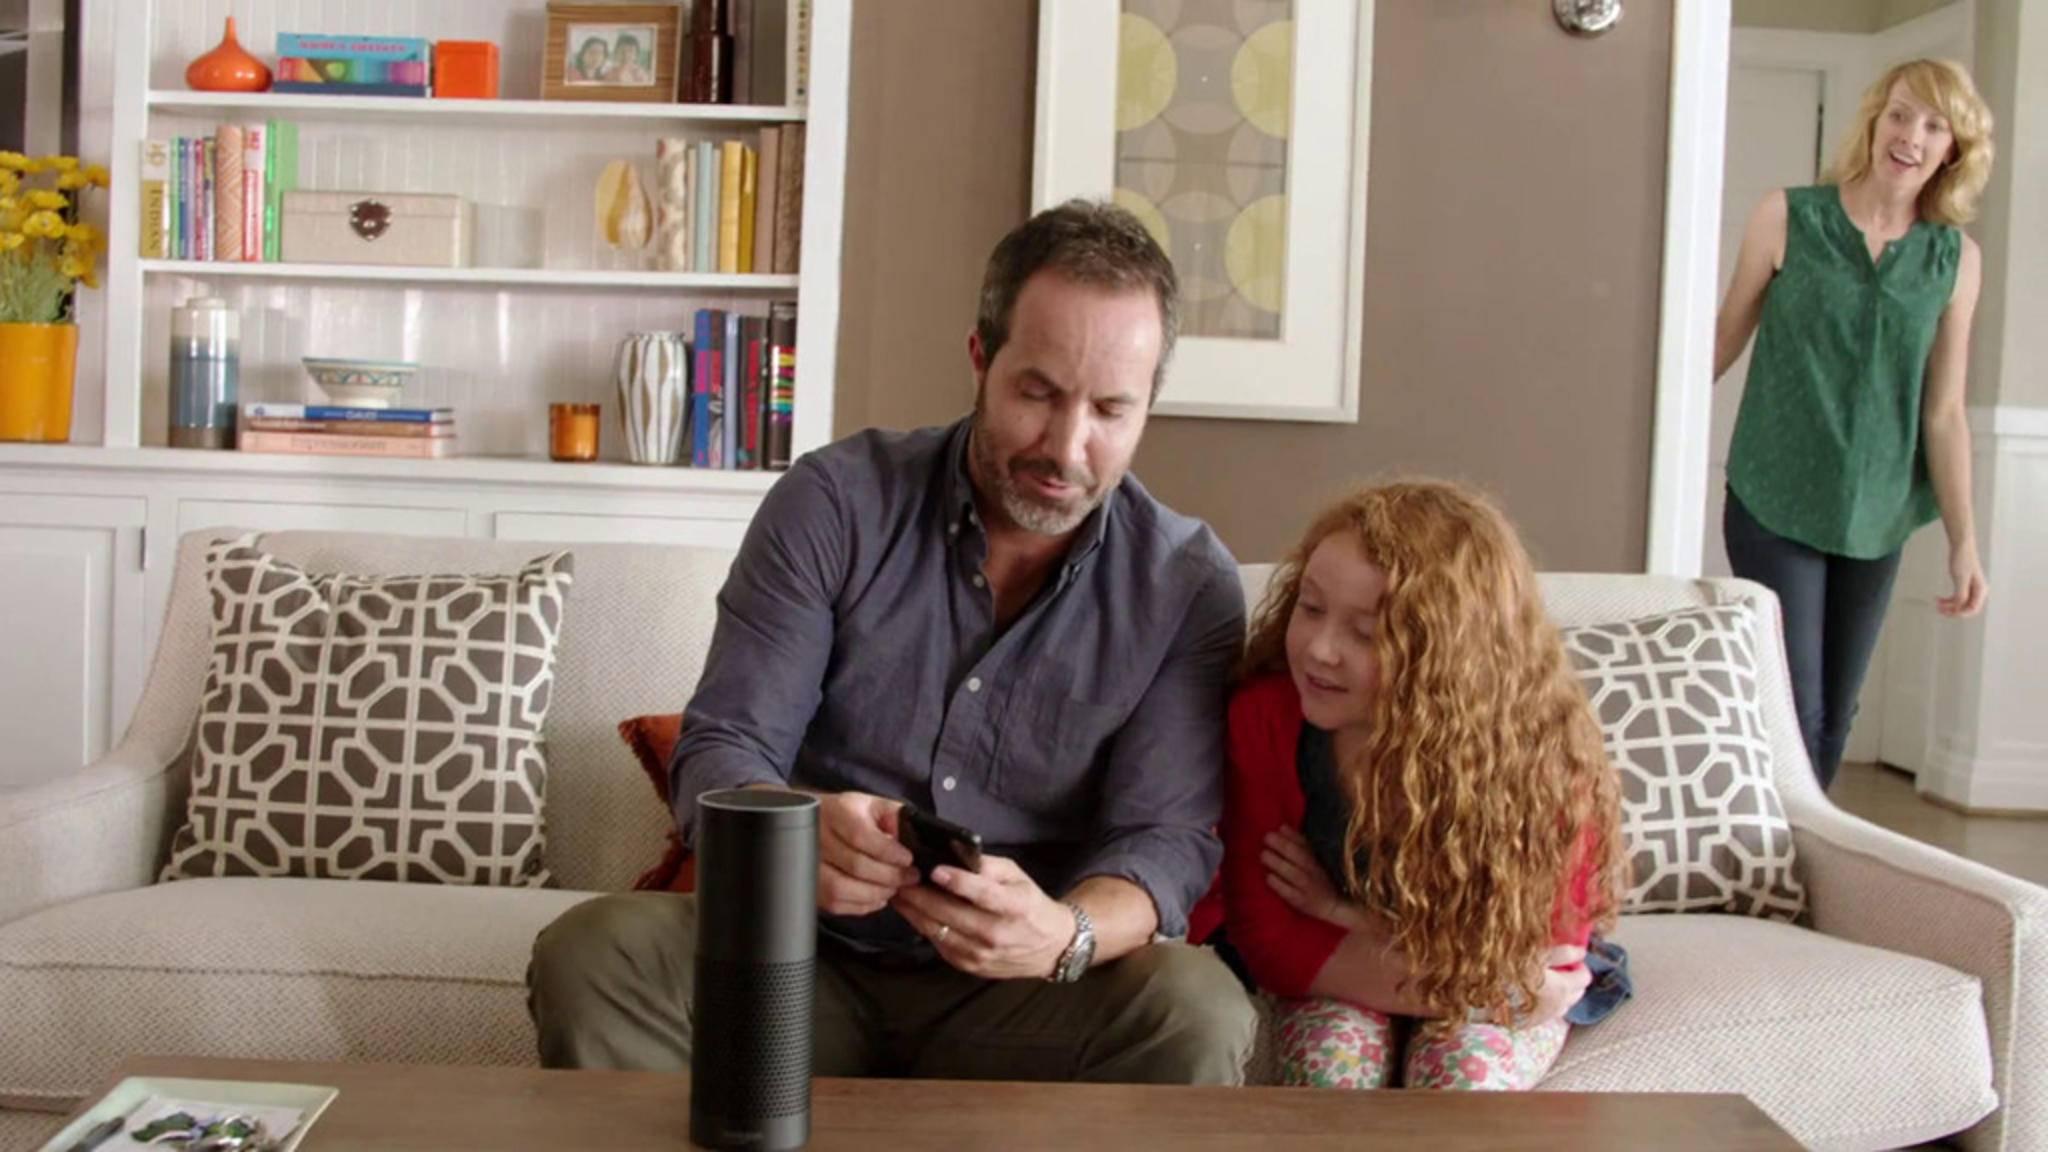 Unsere Topliste gibt Dir einen Überblick, welche Smart-Home-Geräte Du mit Sprachassistent Alexa verbinden kannst.